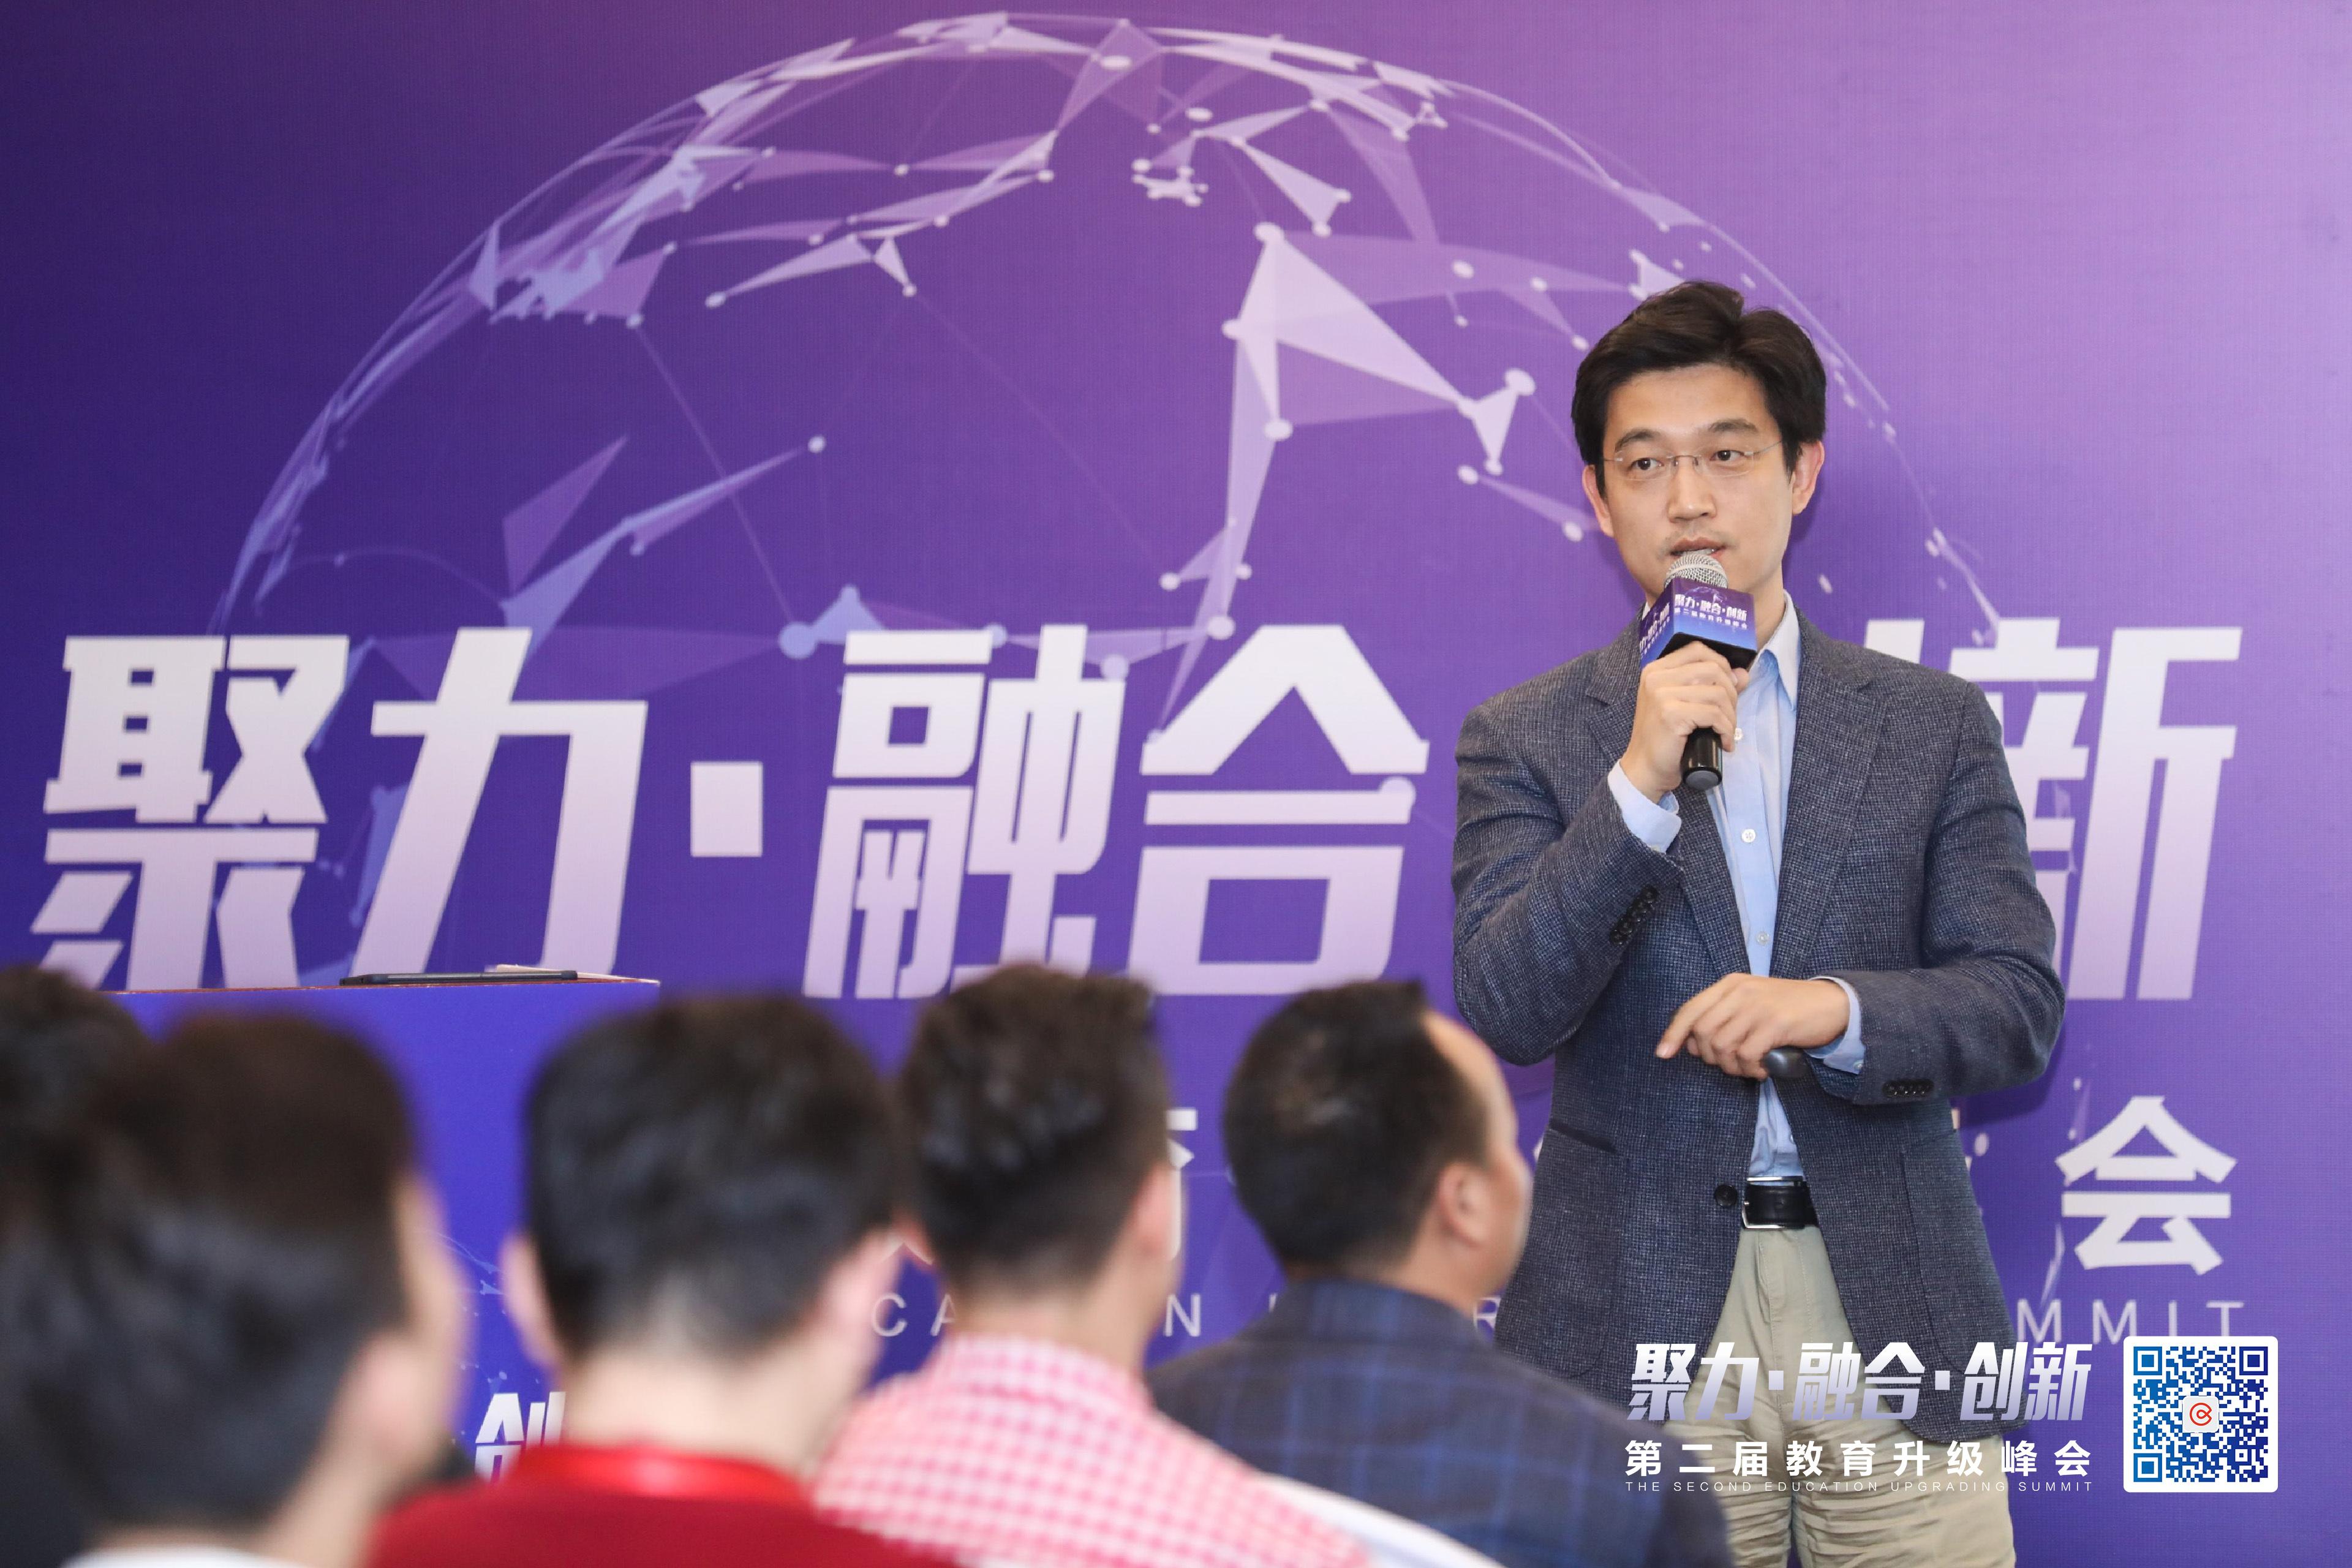 拼图资本创始人王磊:教育需要情怀,寒冬中更要扎根赛道